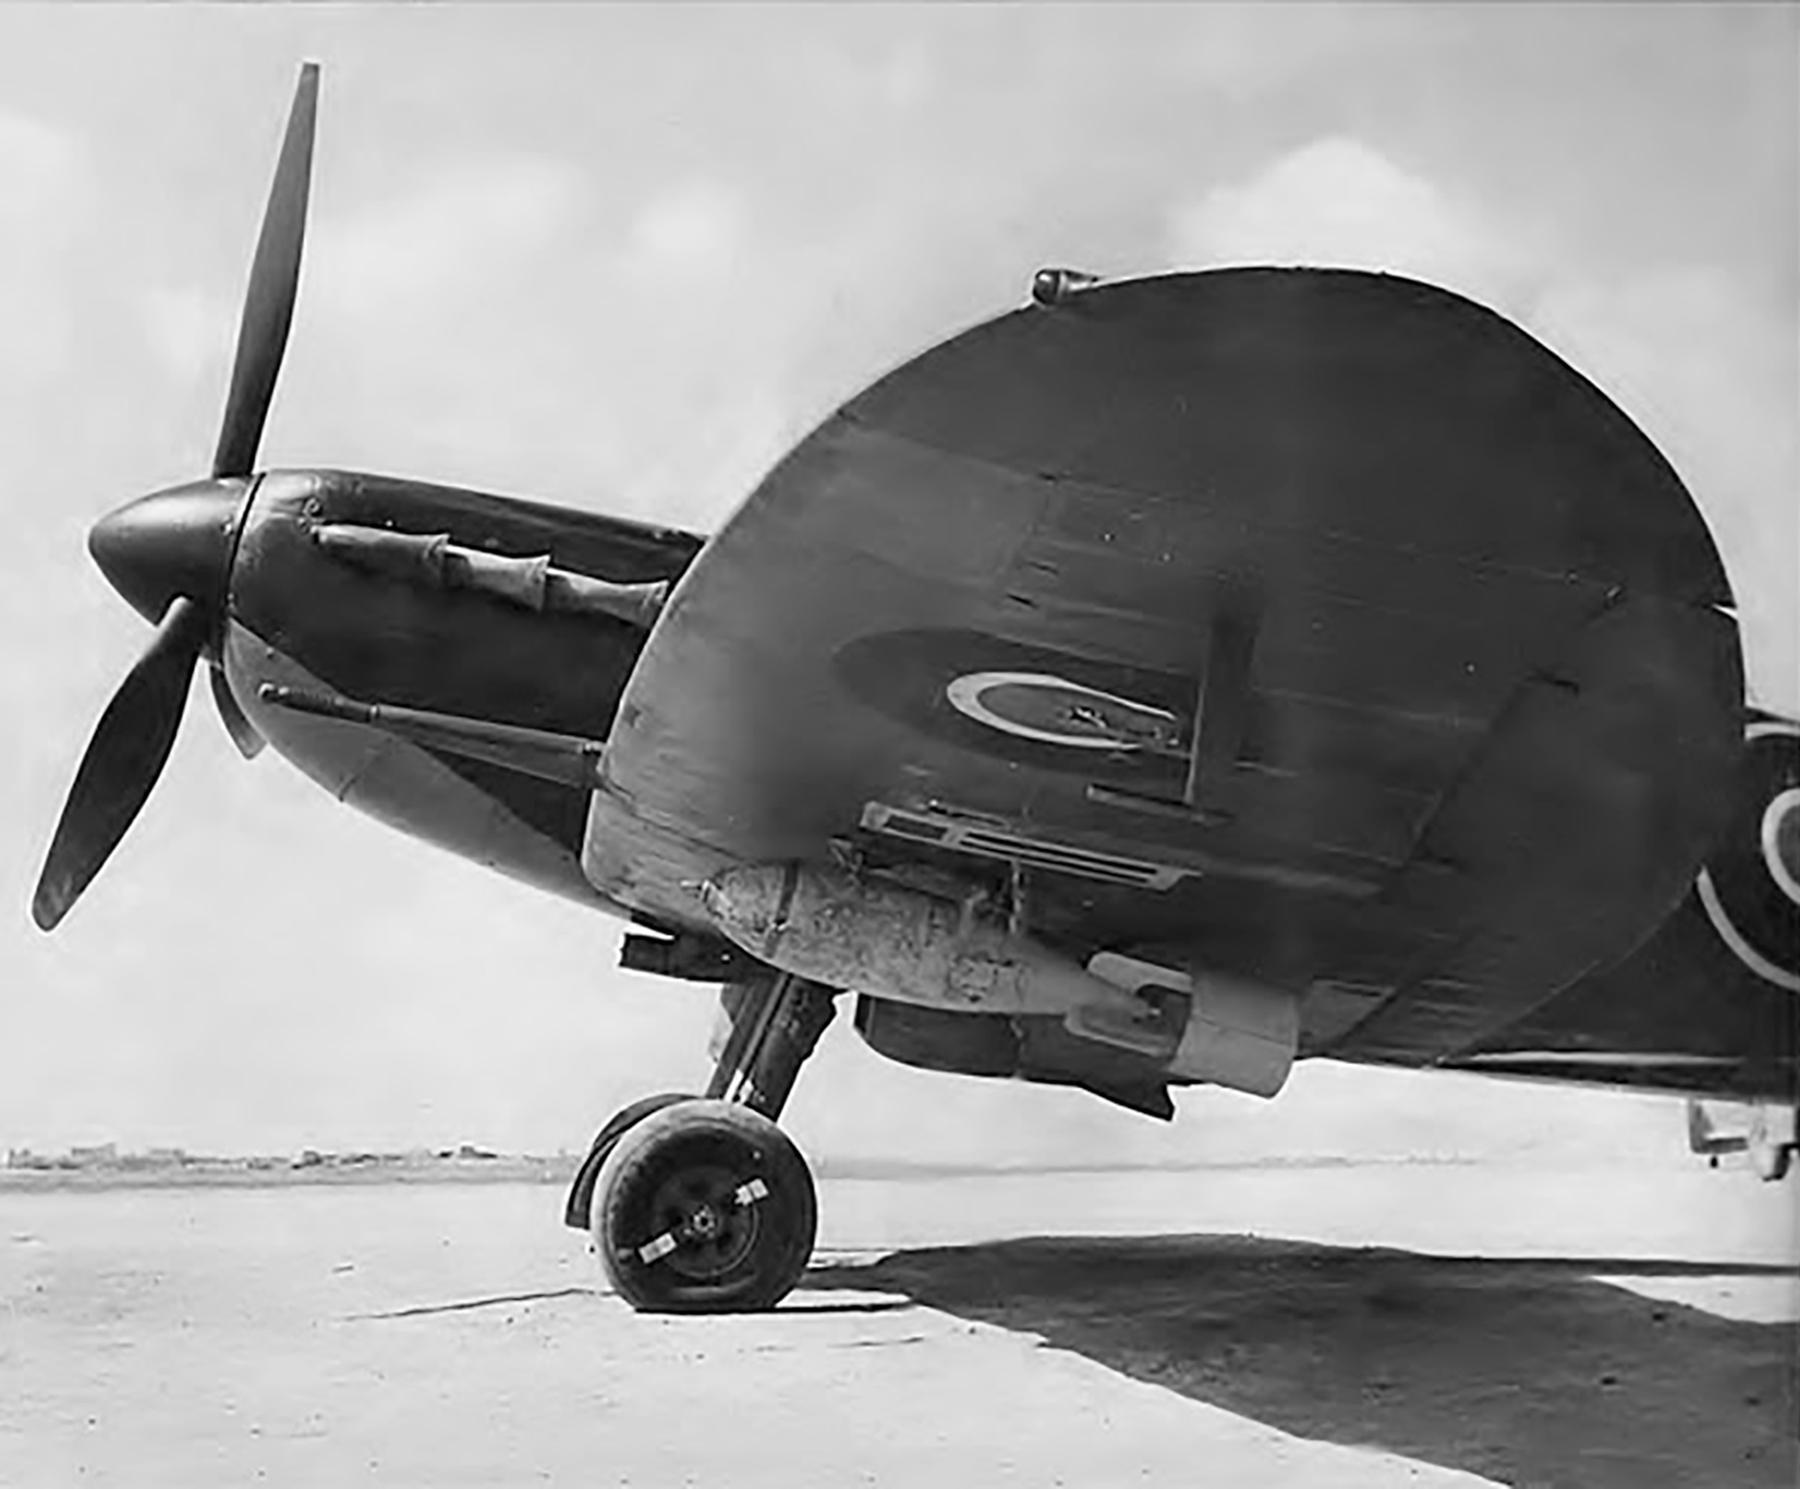 Spitfires MkV RAAF 452Sqn Spitfire with bombs 01